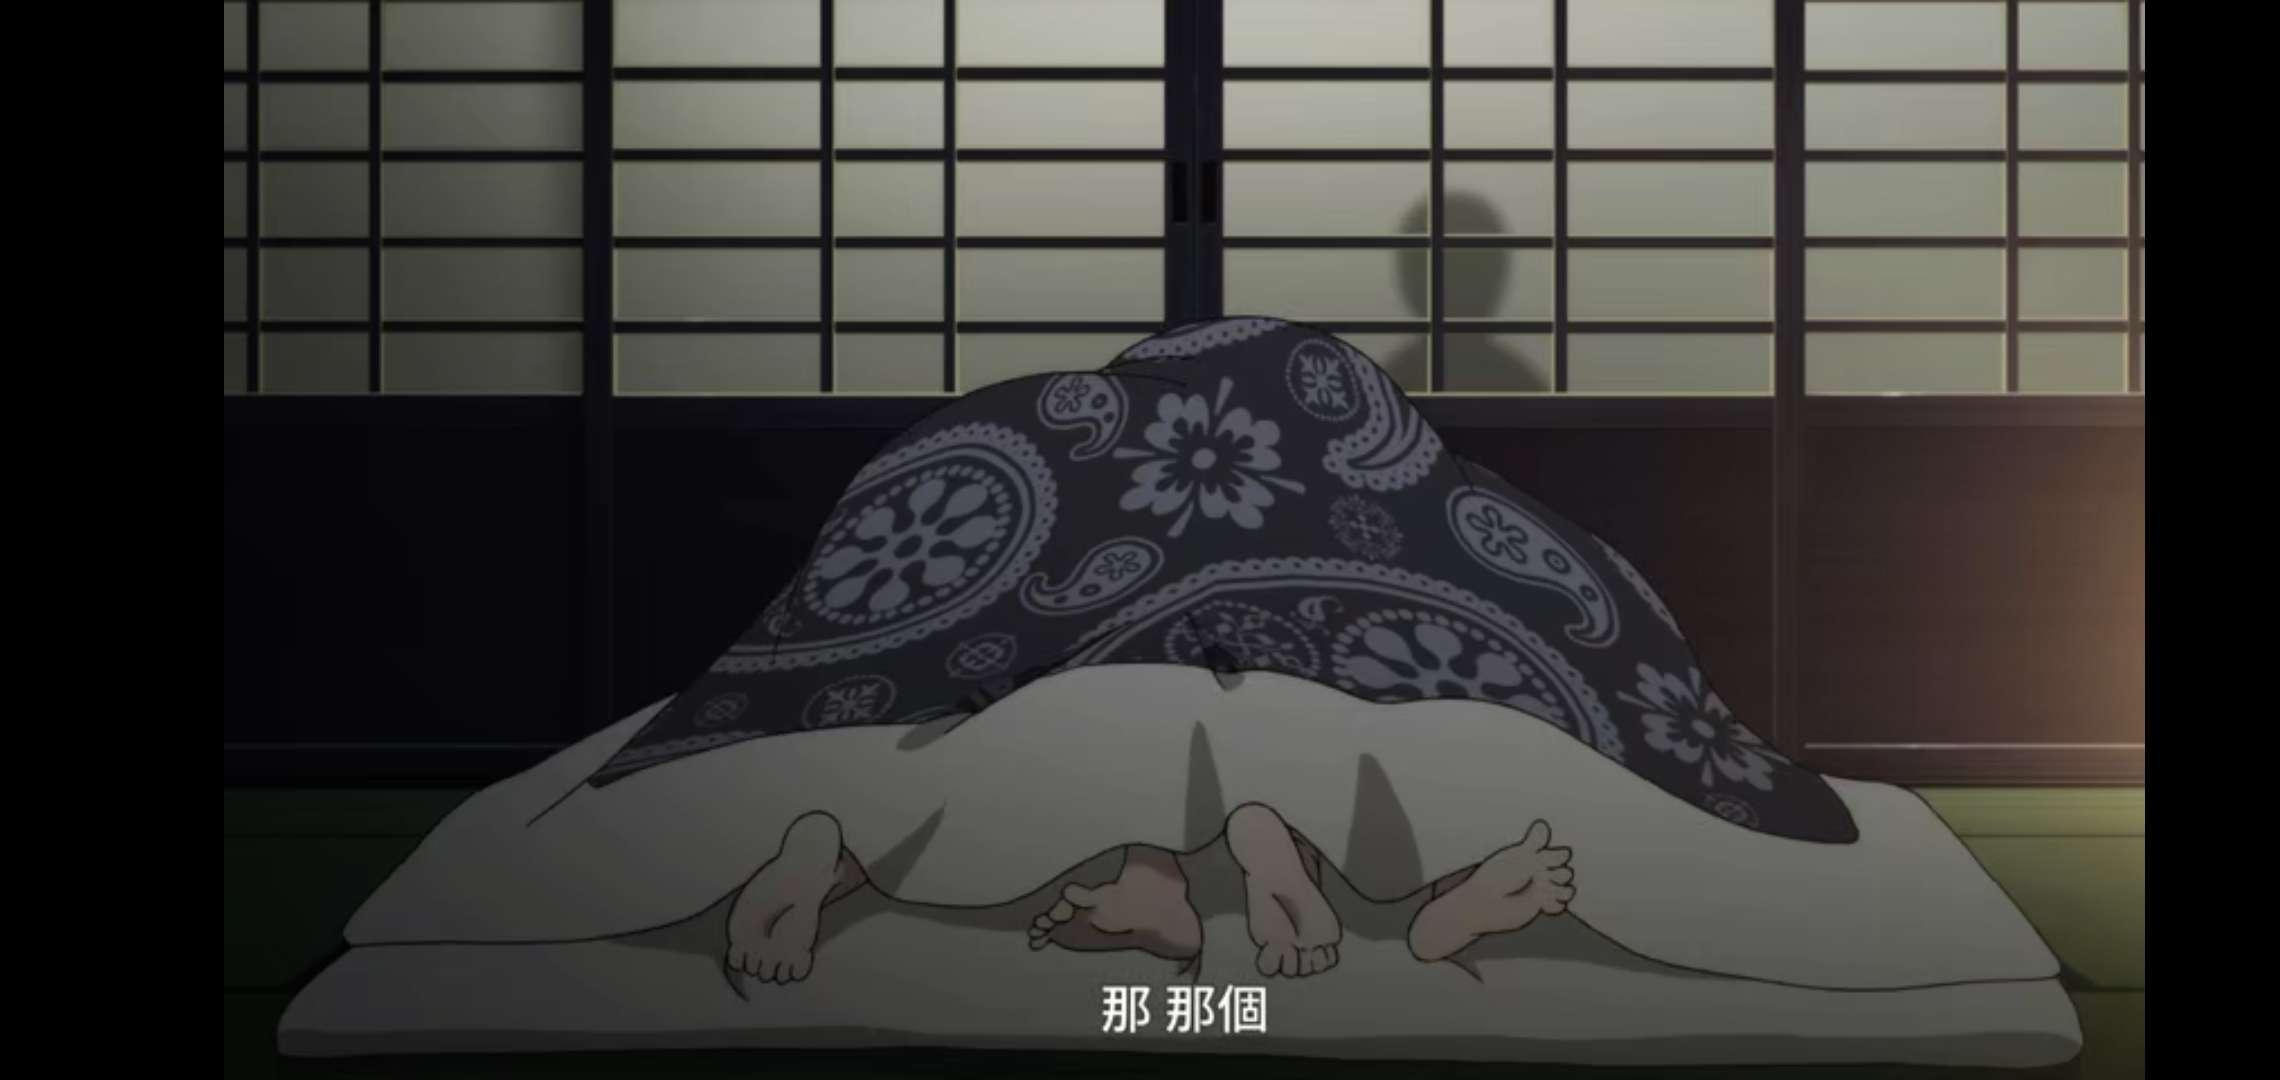 【动漫更新】《怪怪守护神》(4月12日任务帖):